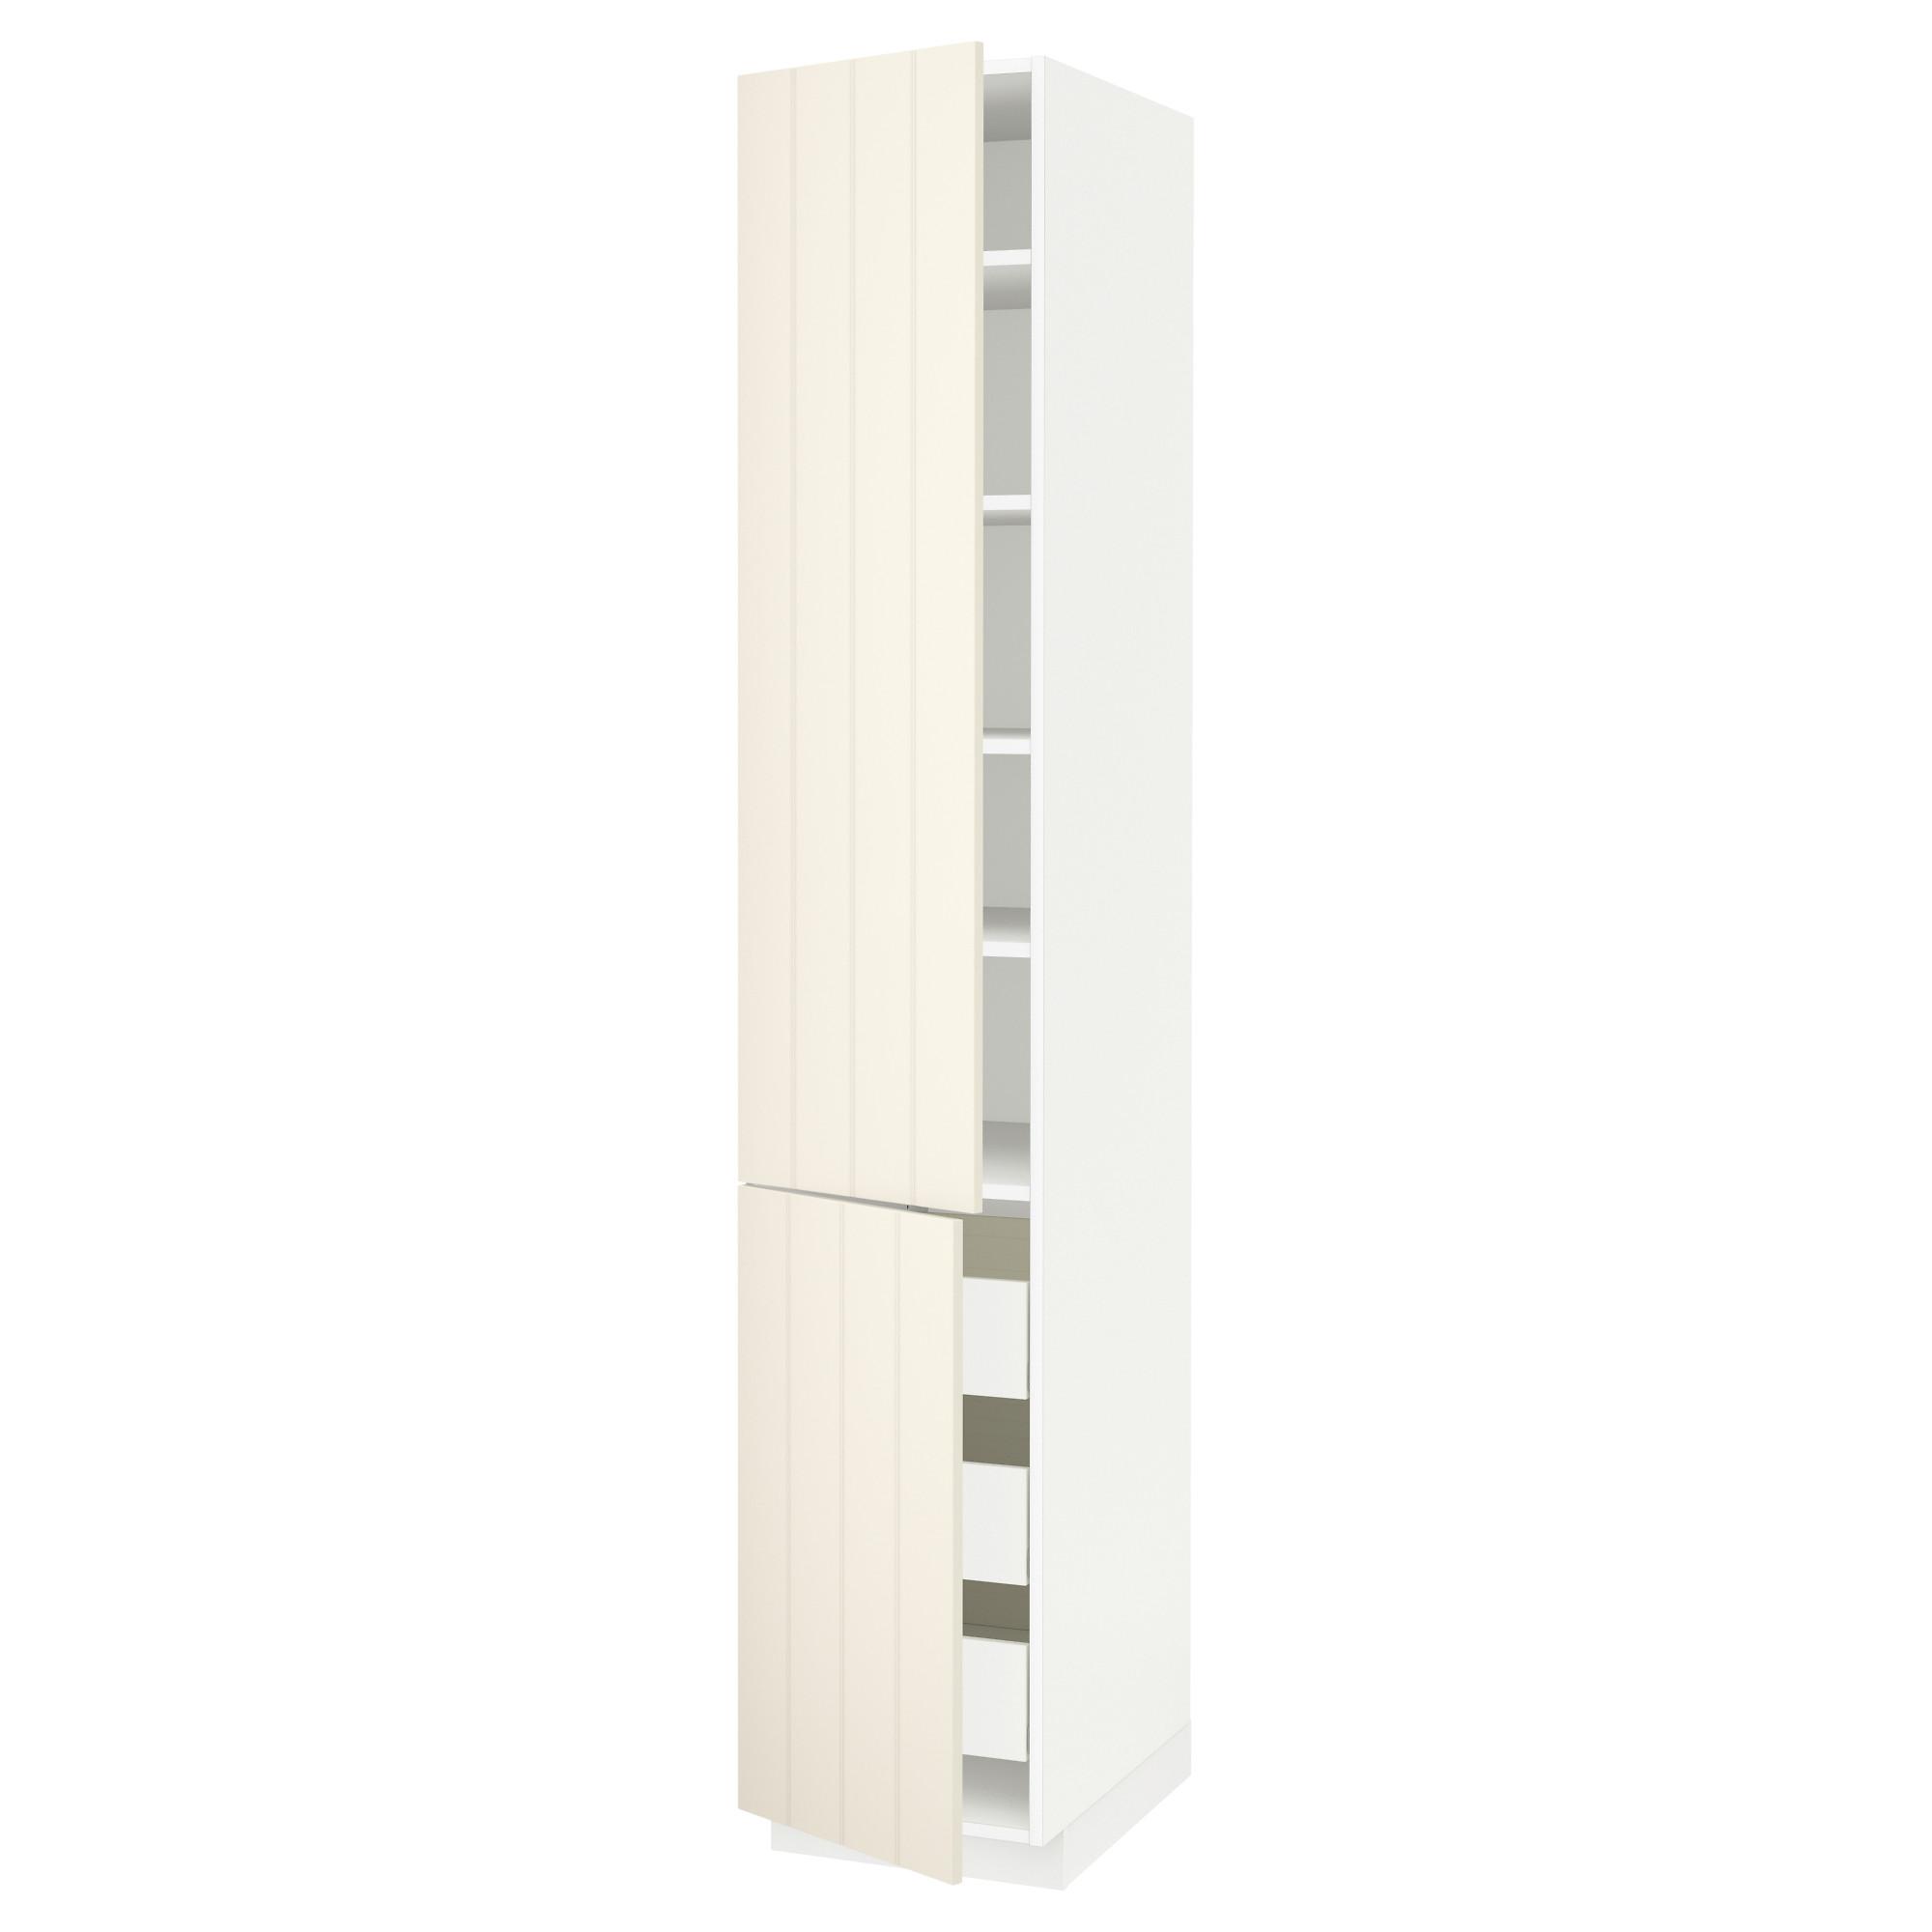 Высокий шкаф + полки, 3 ящика, 2 дверцы МЕТОД / ФОРВАРА белый артикуль № 492.619.44 в наличии. Онлайн сайт IKEA Минск. Быстрая доставка и монтаж.